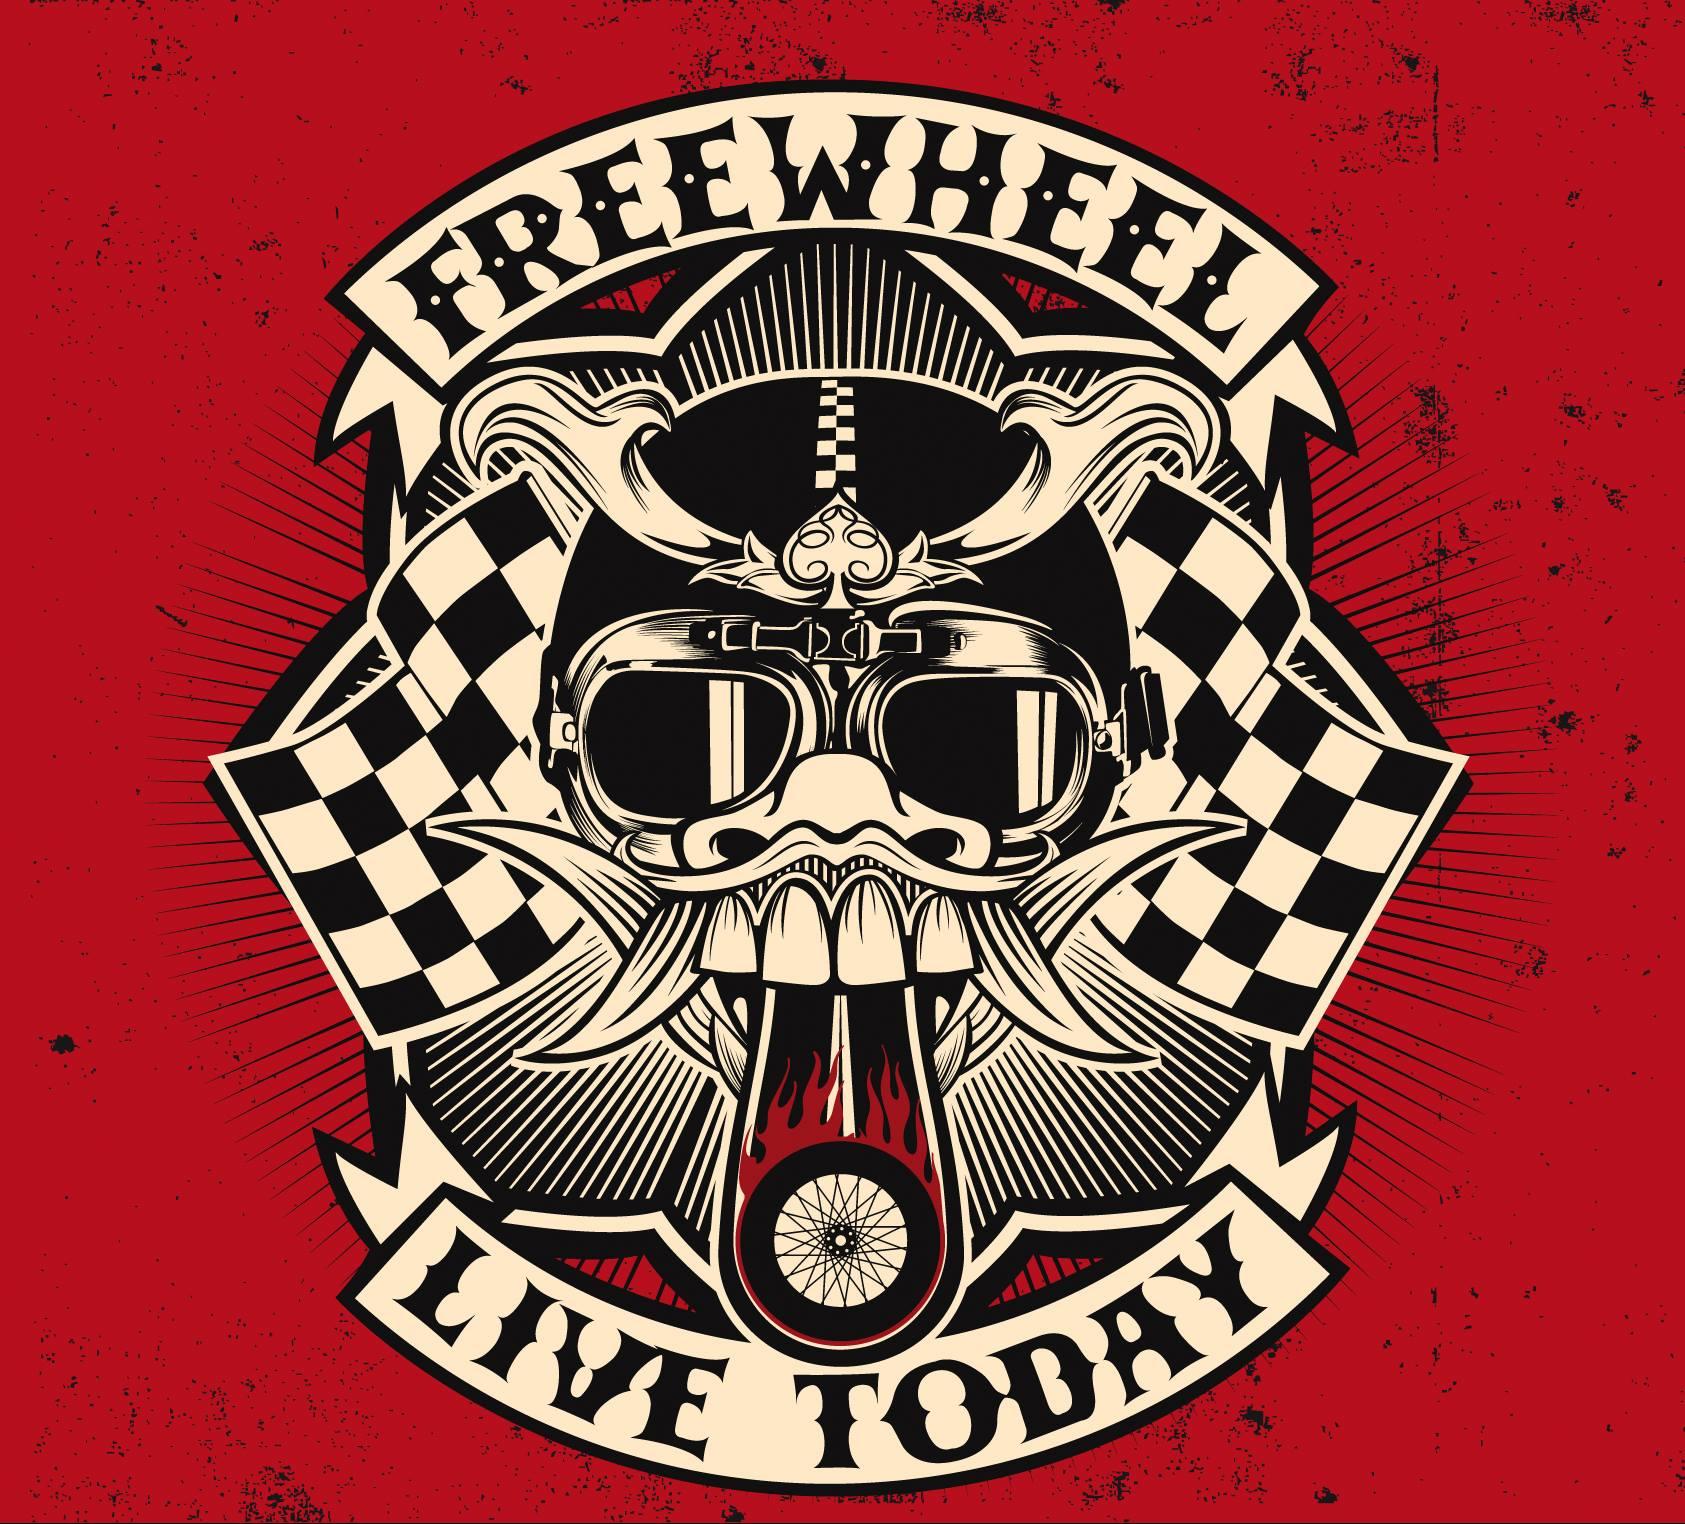 Freewheel Live Today